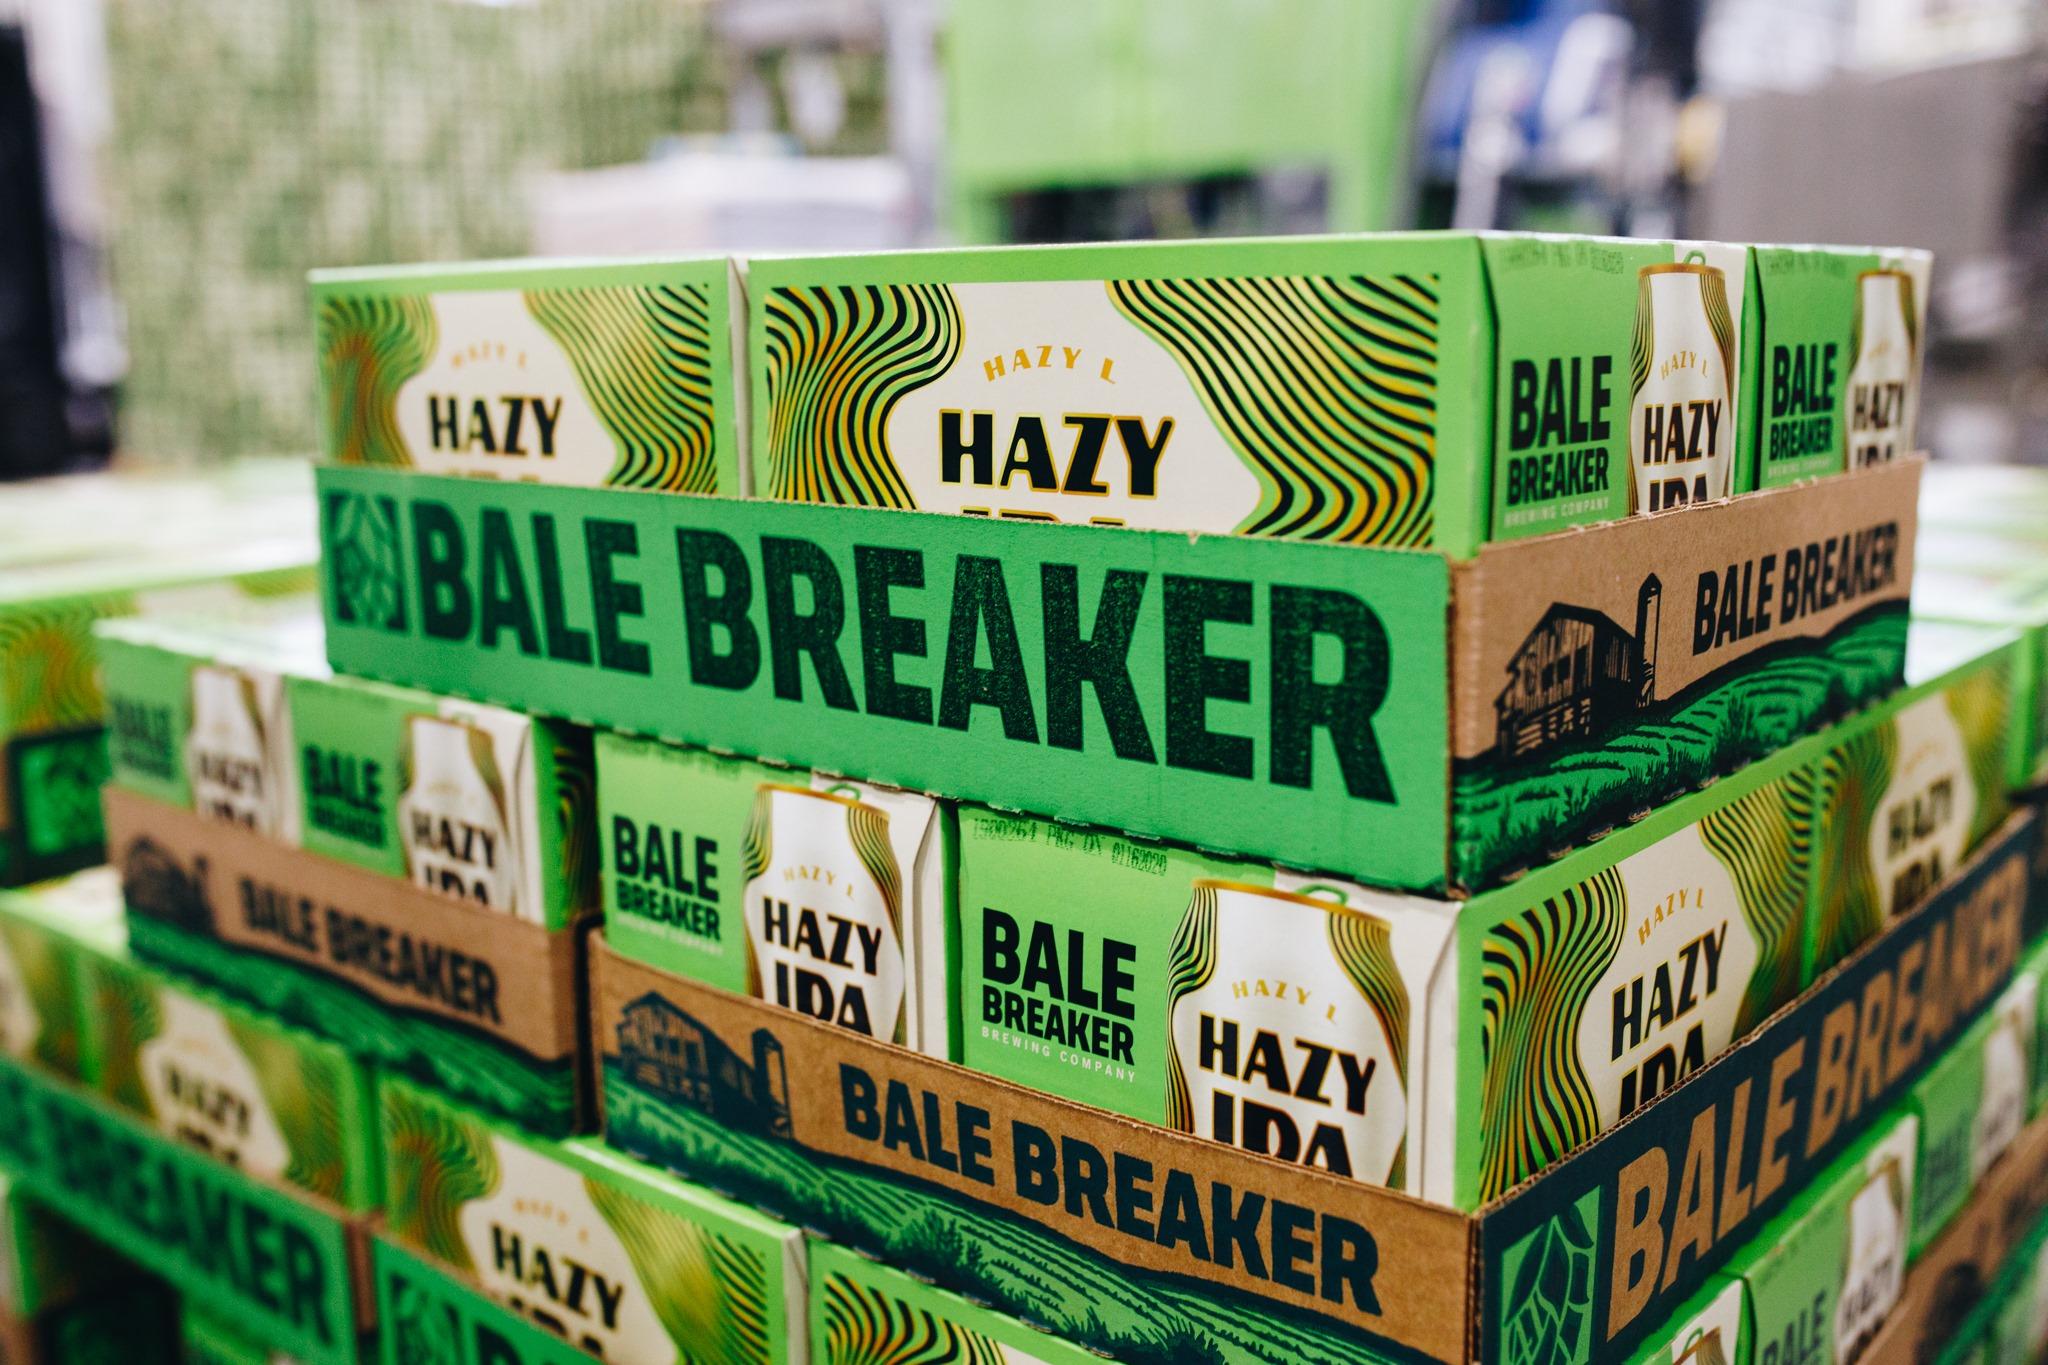 image of Bale Breaker Hazy L IPA courtesy of Bale Breaker Brewing